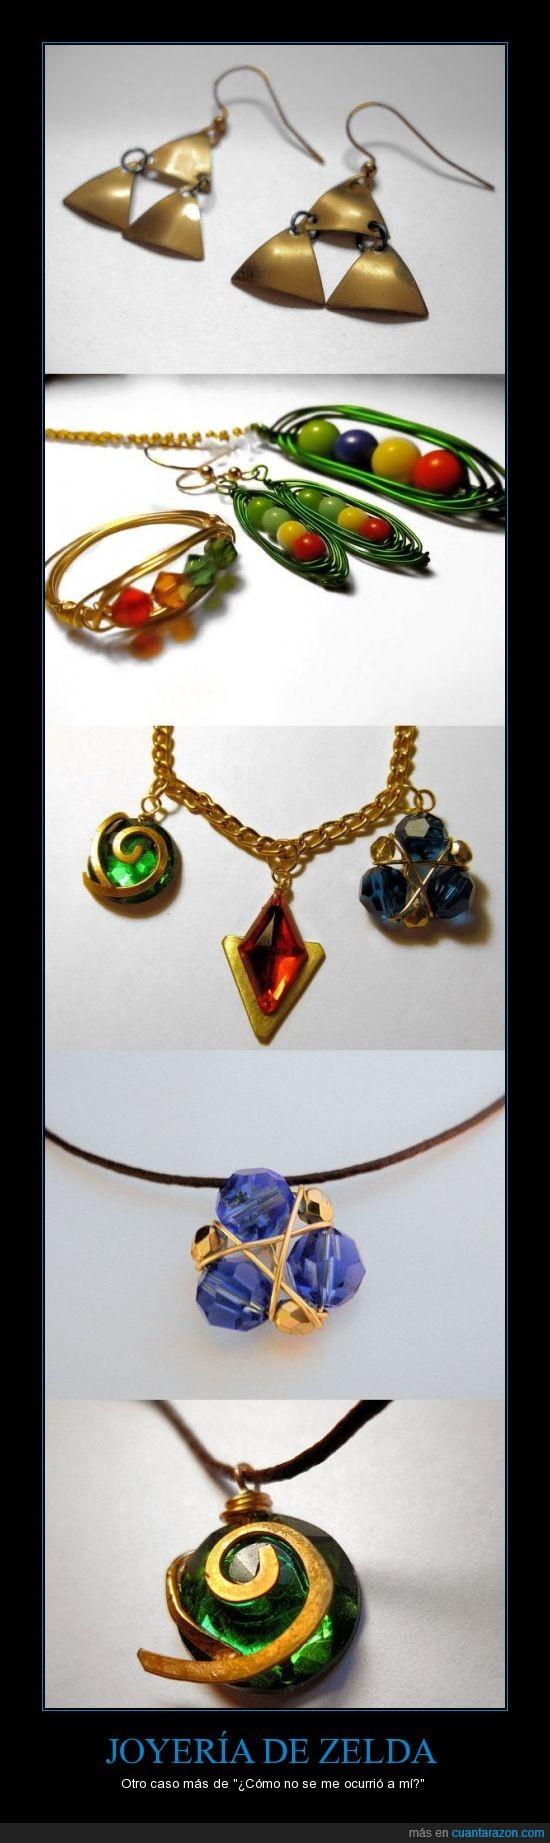 joyas,joyeria,legend of zelda,originalidad,trifuerza,Zelda